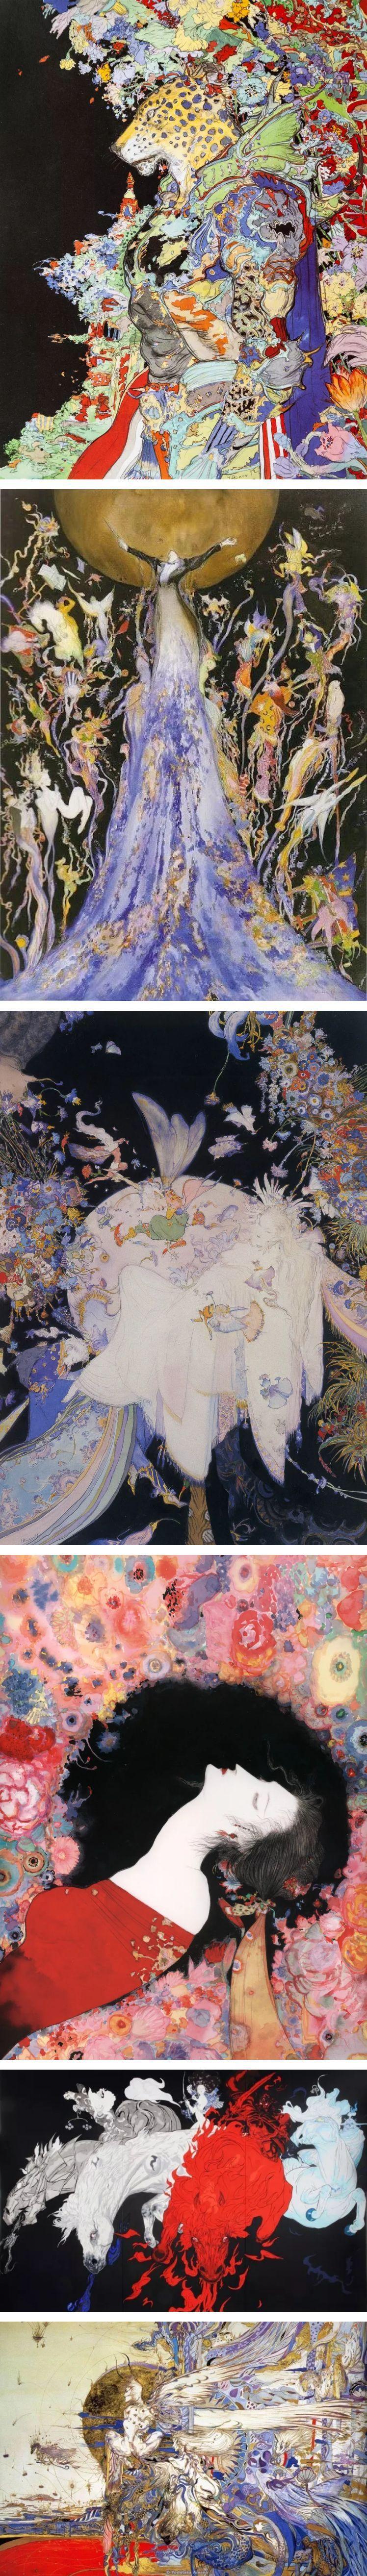 西方幻想与东方古典结合的绮丽画风,日本顶级大师天野喜孝的梦幻世界